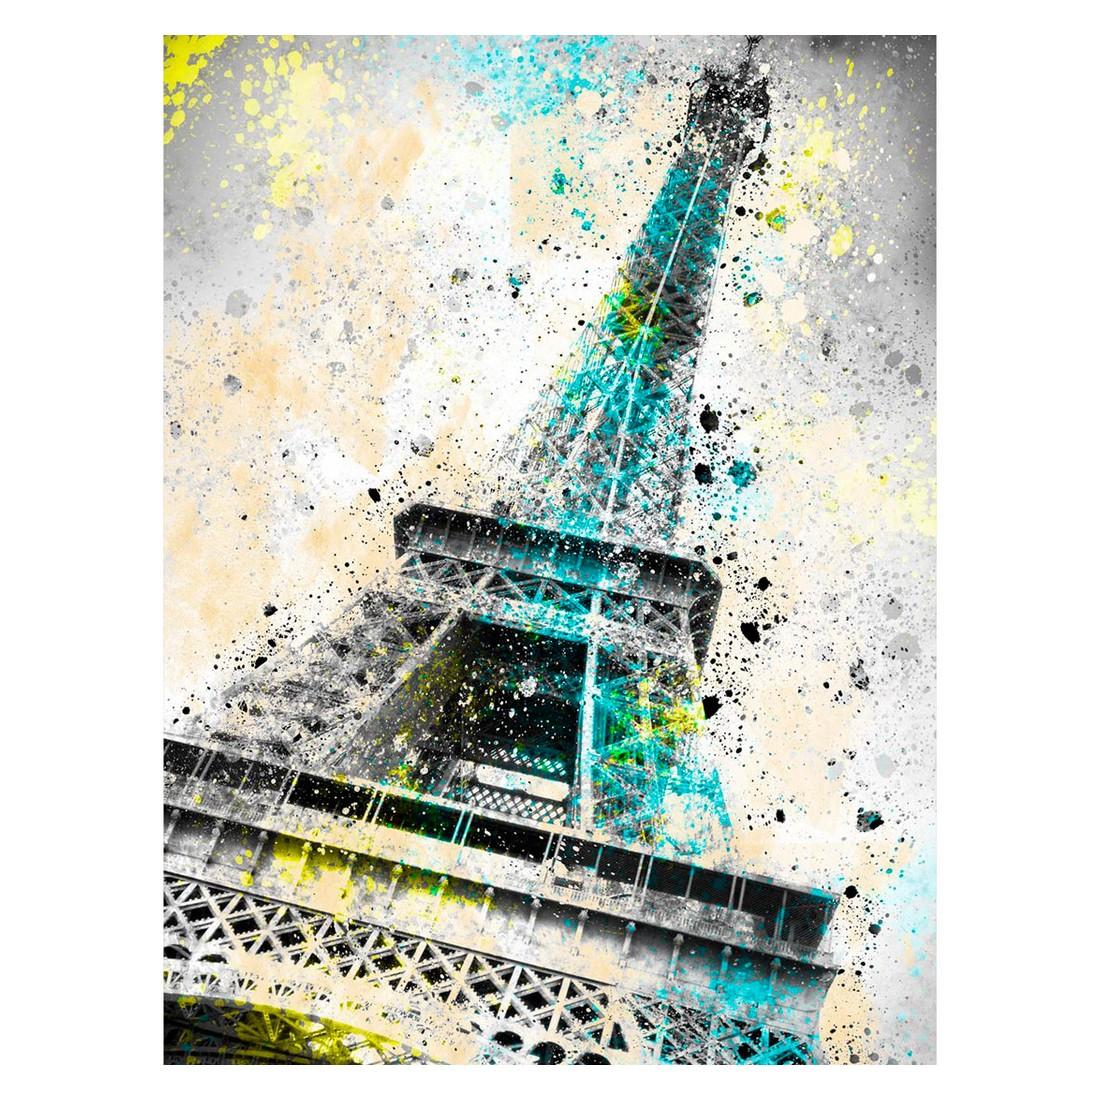 Ölgemälde City Art Paris Eiffeltower IV von Melanie Viola – Größe 60 x 40 cm, yourPainting jetzt bestellen